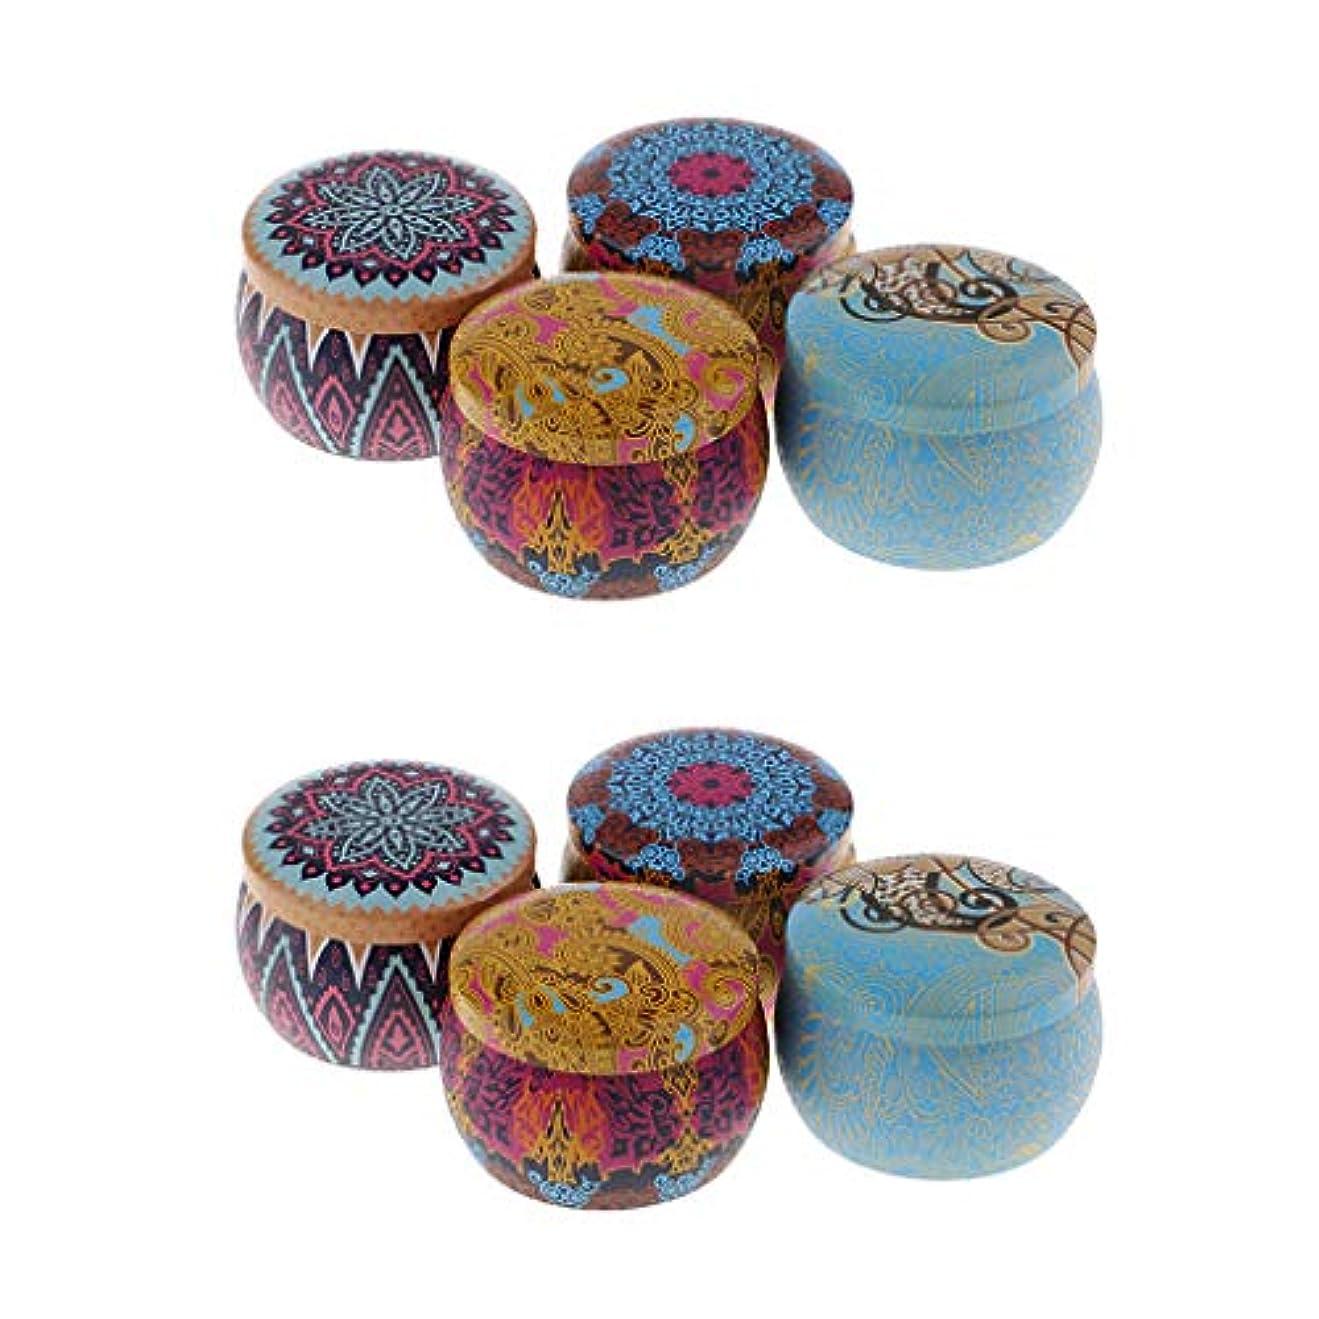 認可直感止まるB Blesiya キャンドル アロマ 缶 香りキャンドル 携帯用 家庭 オフィス 教会 8個セット